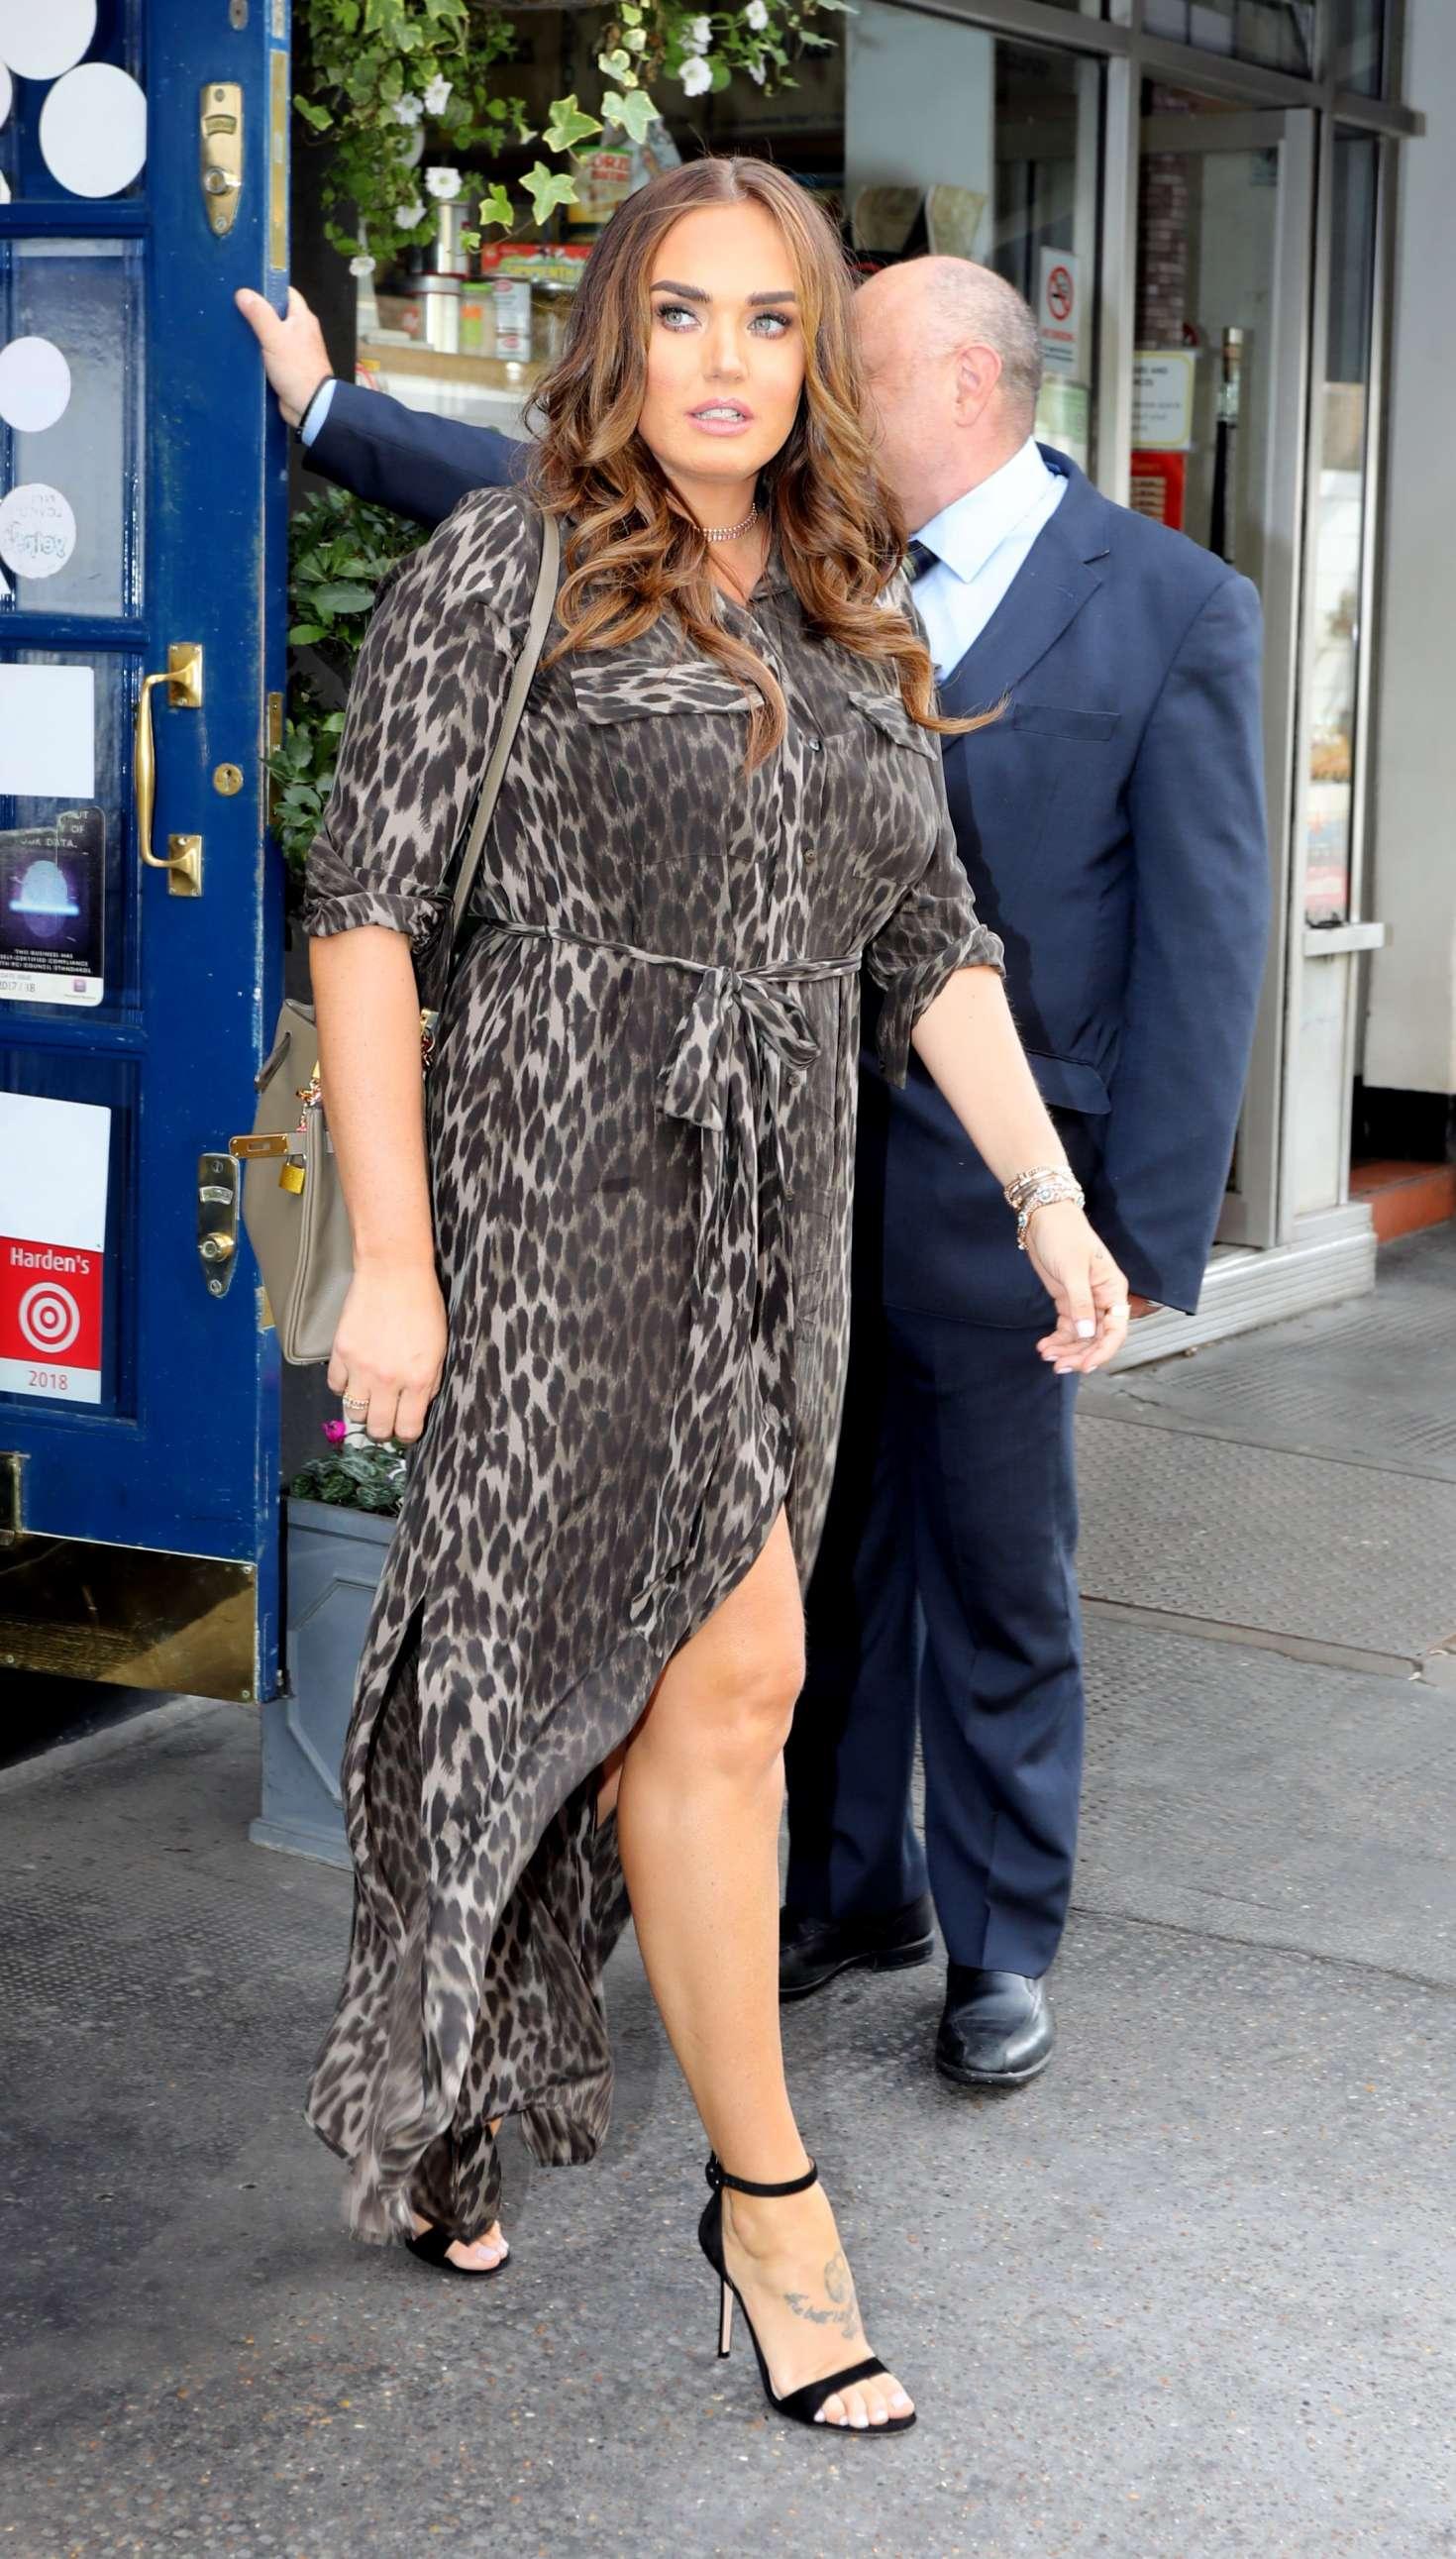 Tamara Ecclestone in Leopard Print Maxi Dress - Out in London